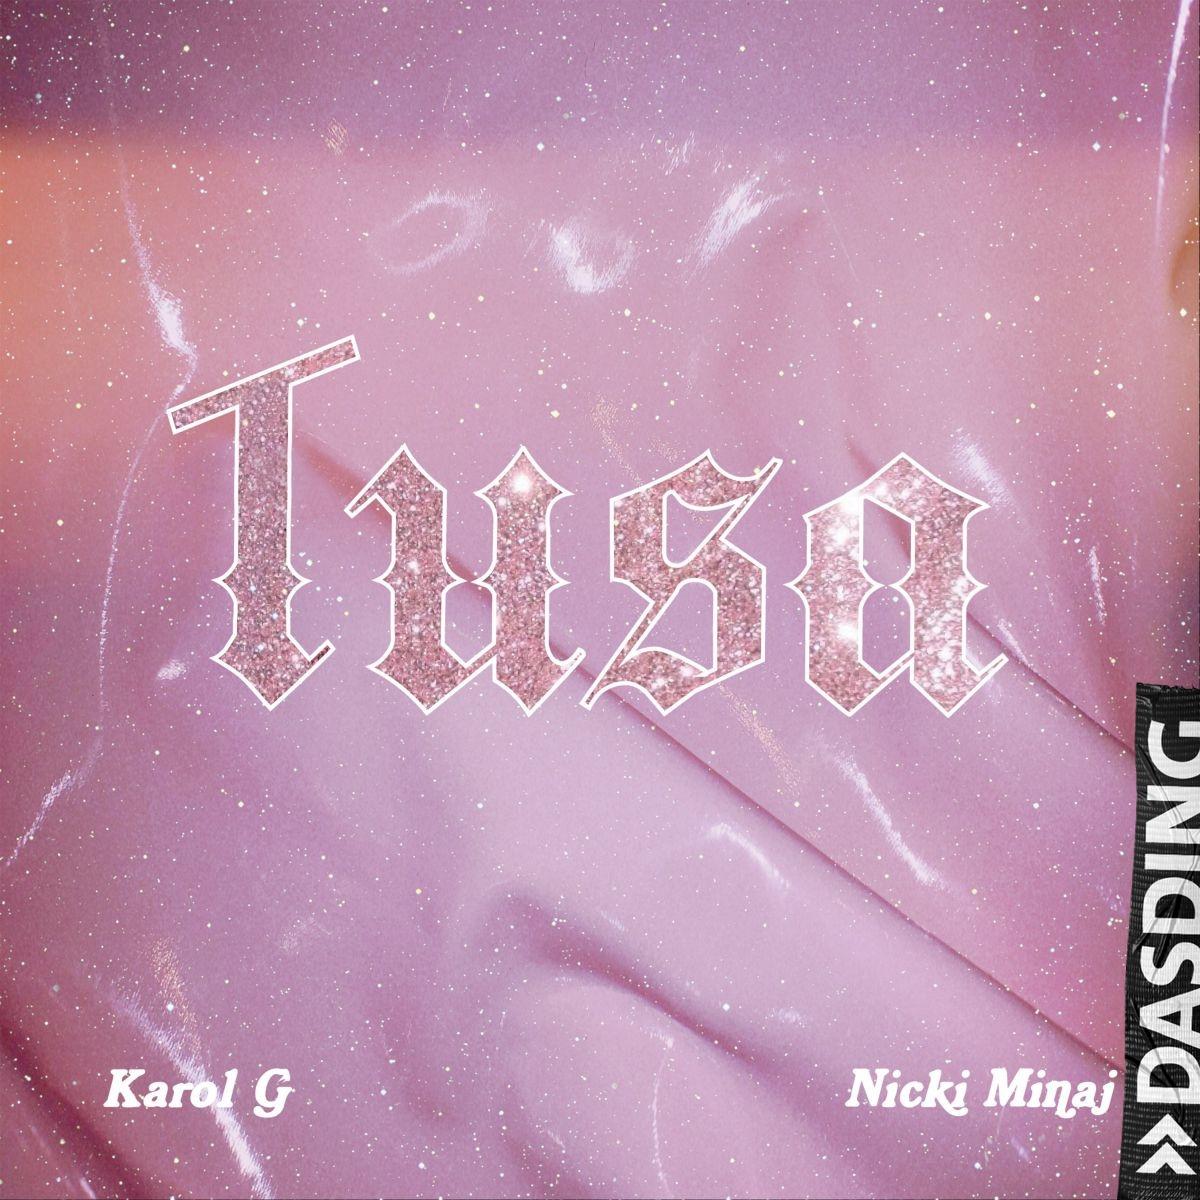 Tusa (Foto: Karol G)